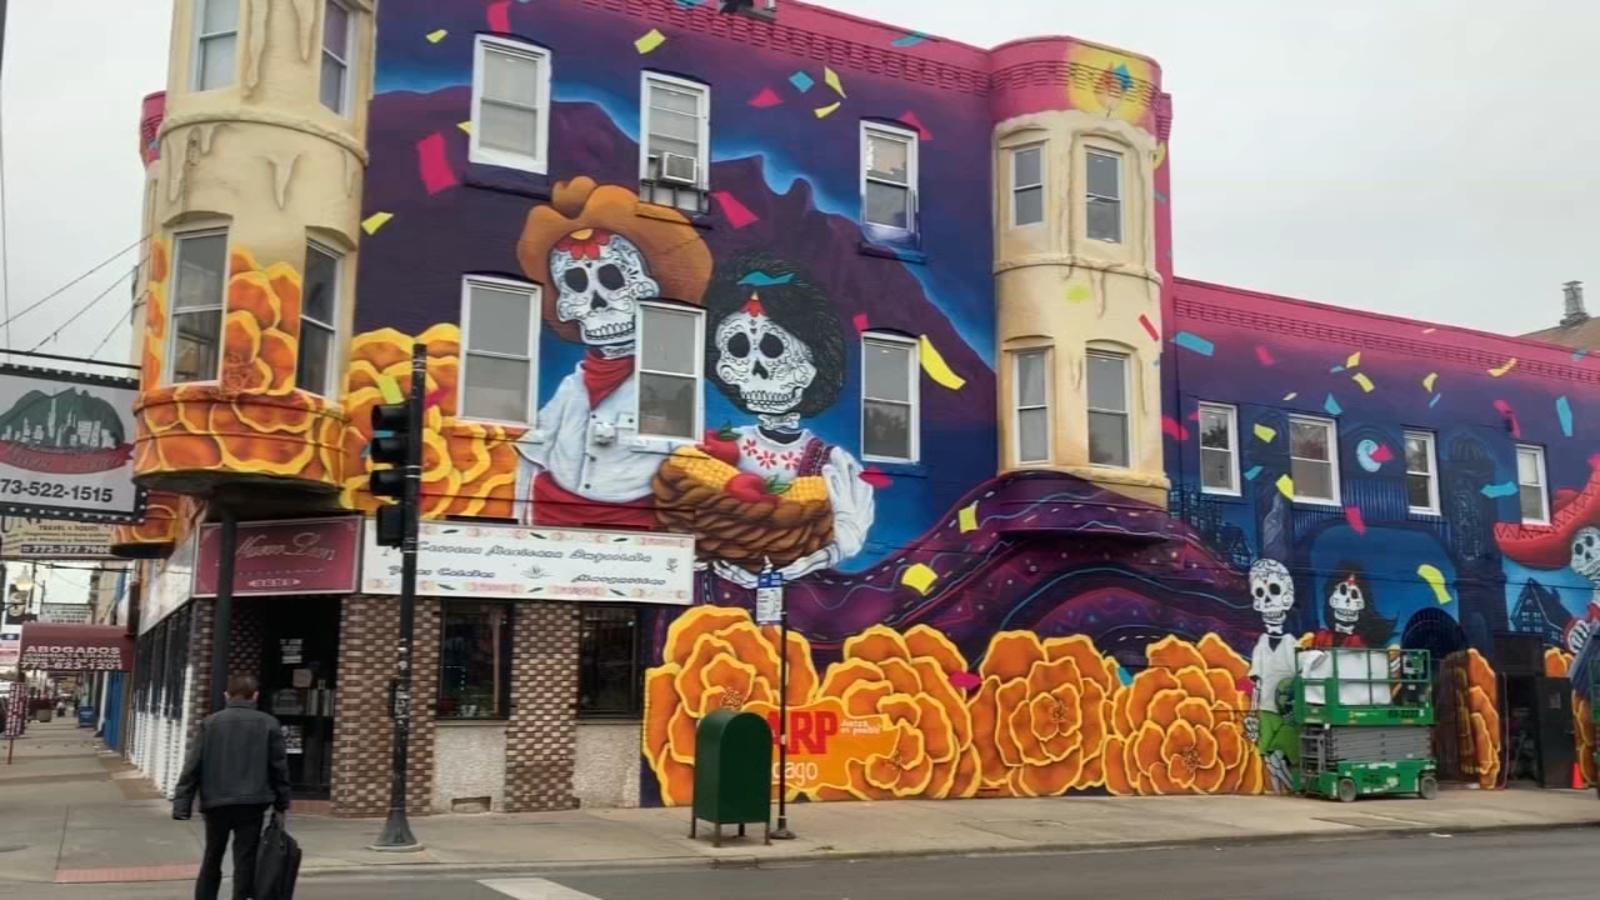 Huge Day of Dead mural wraps around Little Village restaurant